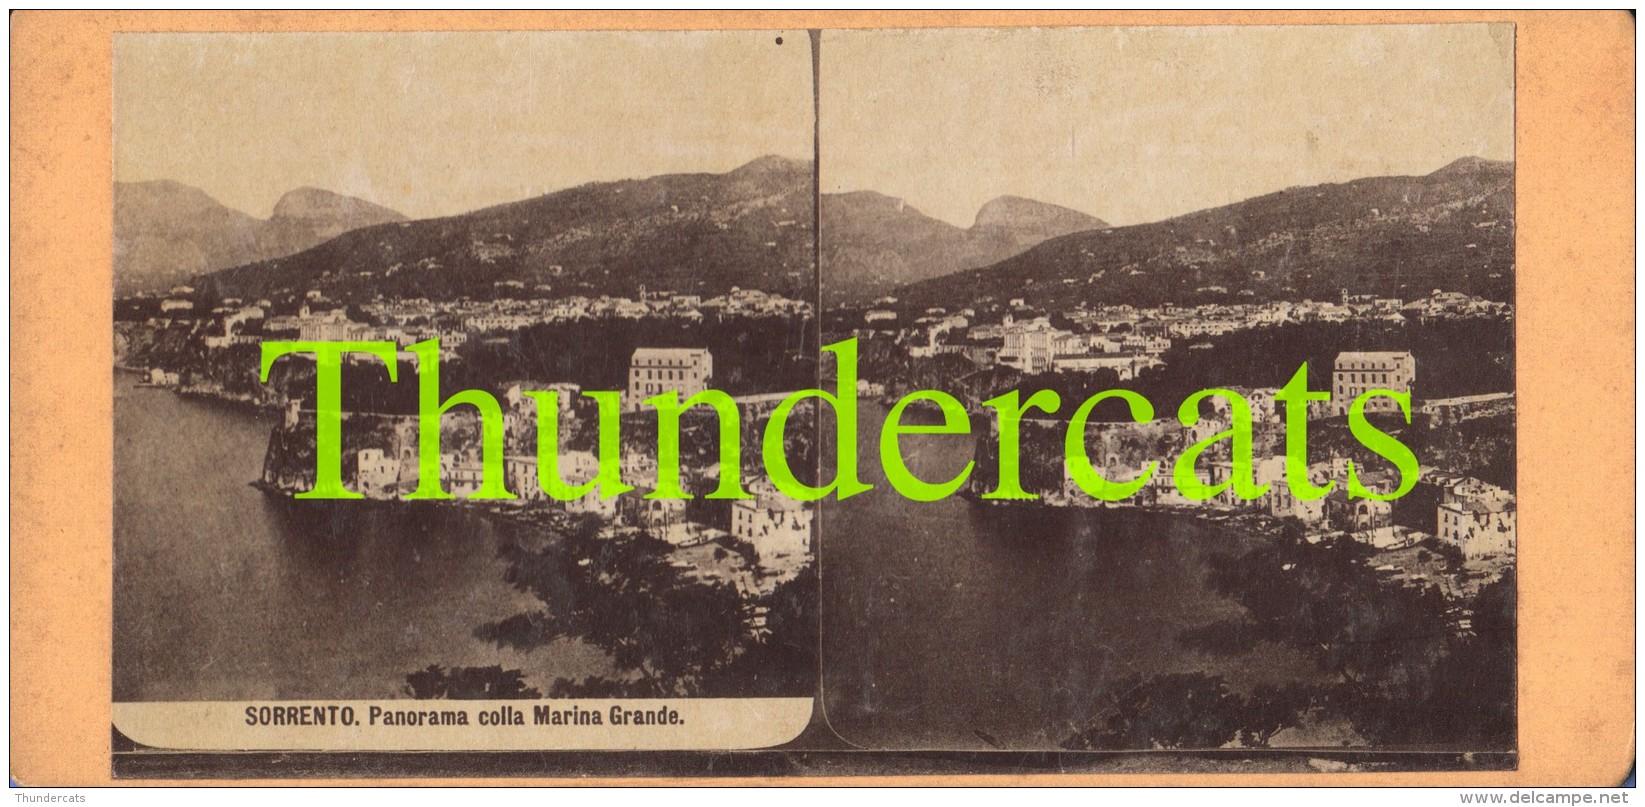 ANCIENNE PHOTO STEREOSCOPIQUE STEREOVIEW PHOTO STEREO FOTO SORRENTO PANORAMA COLLA MARINA GRANDE ITALY ITALIA - Stereoscopio